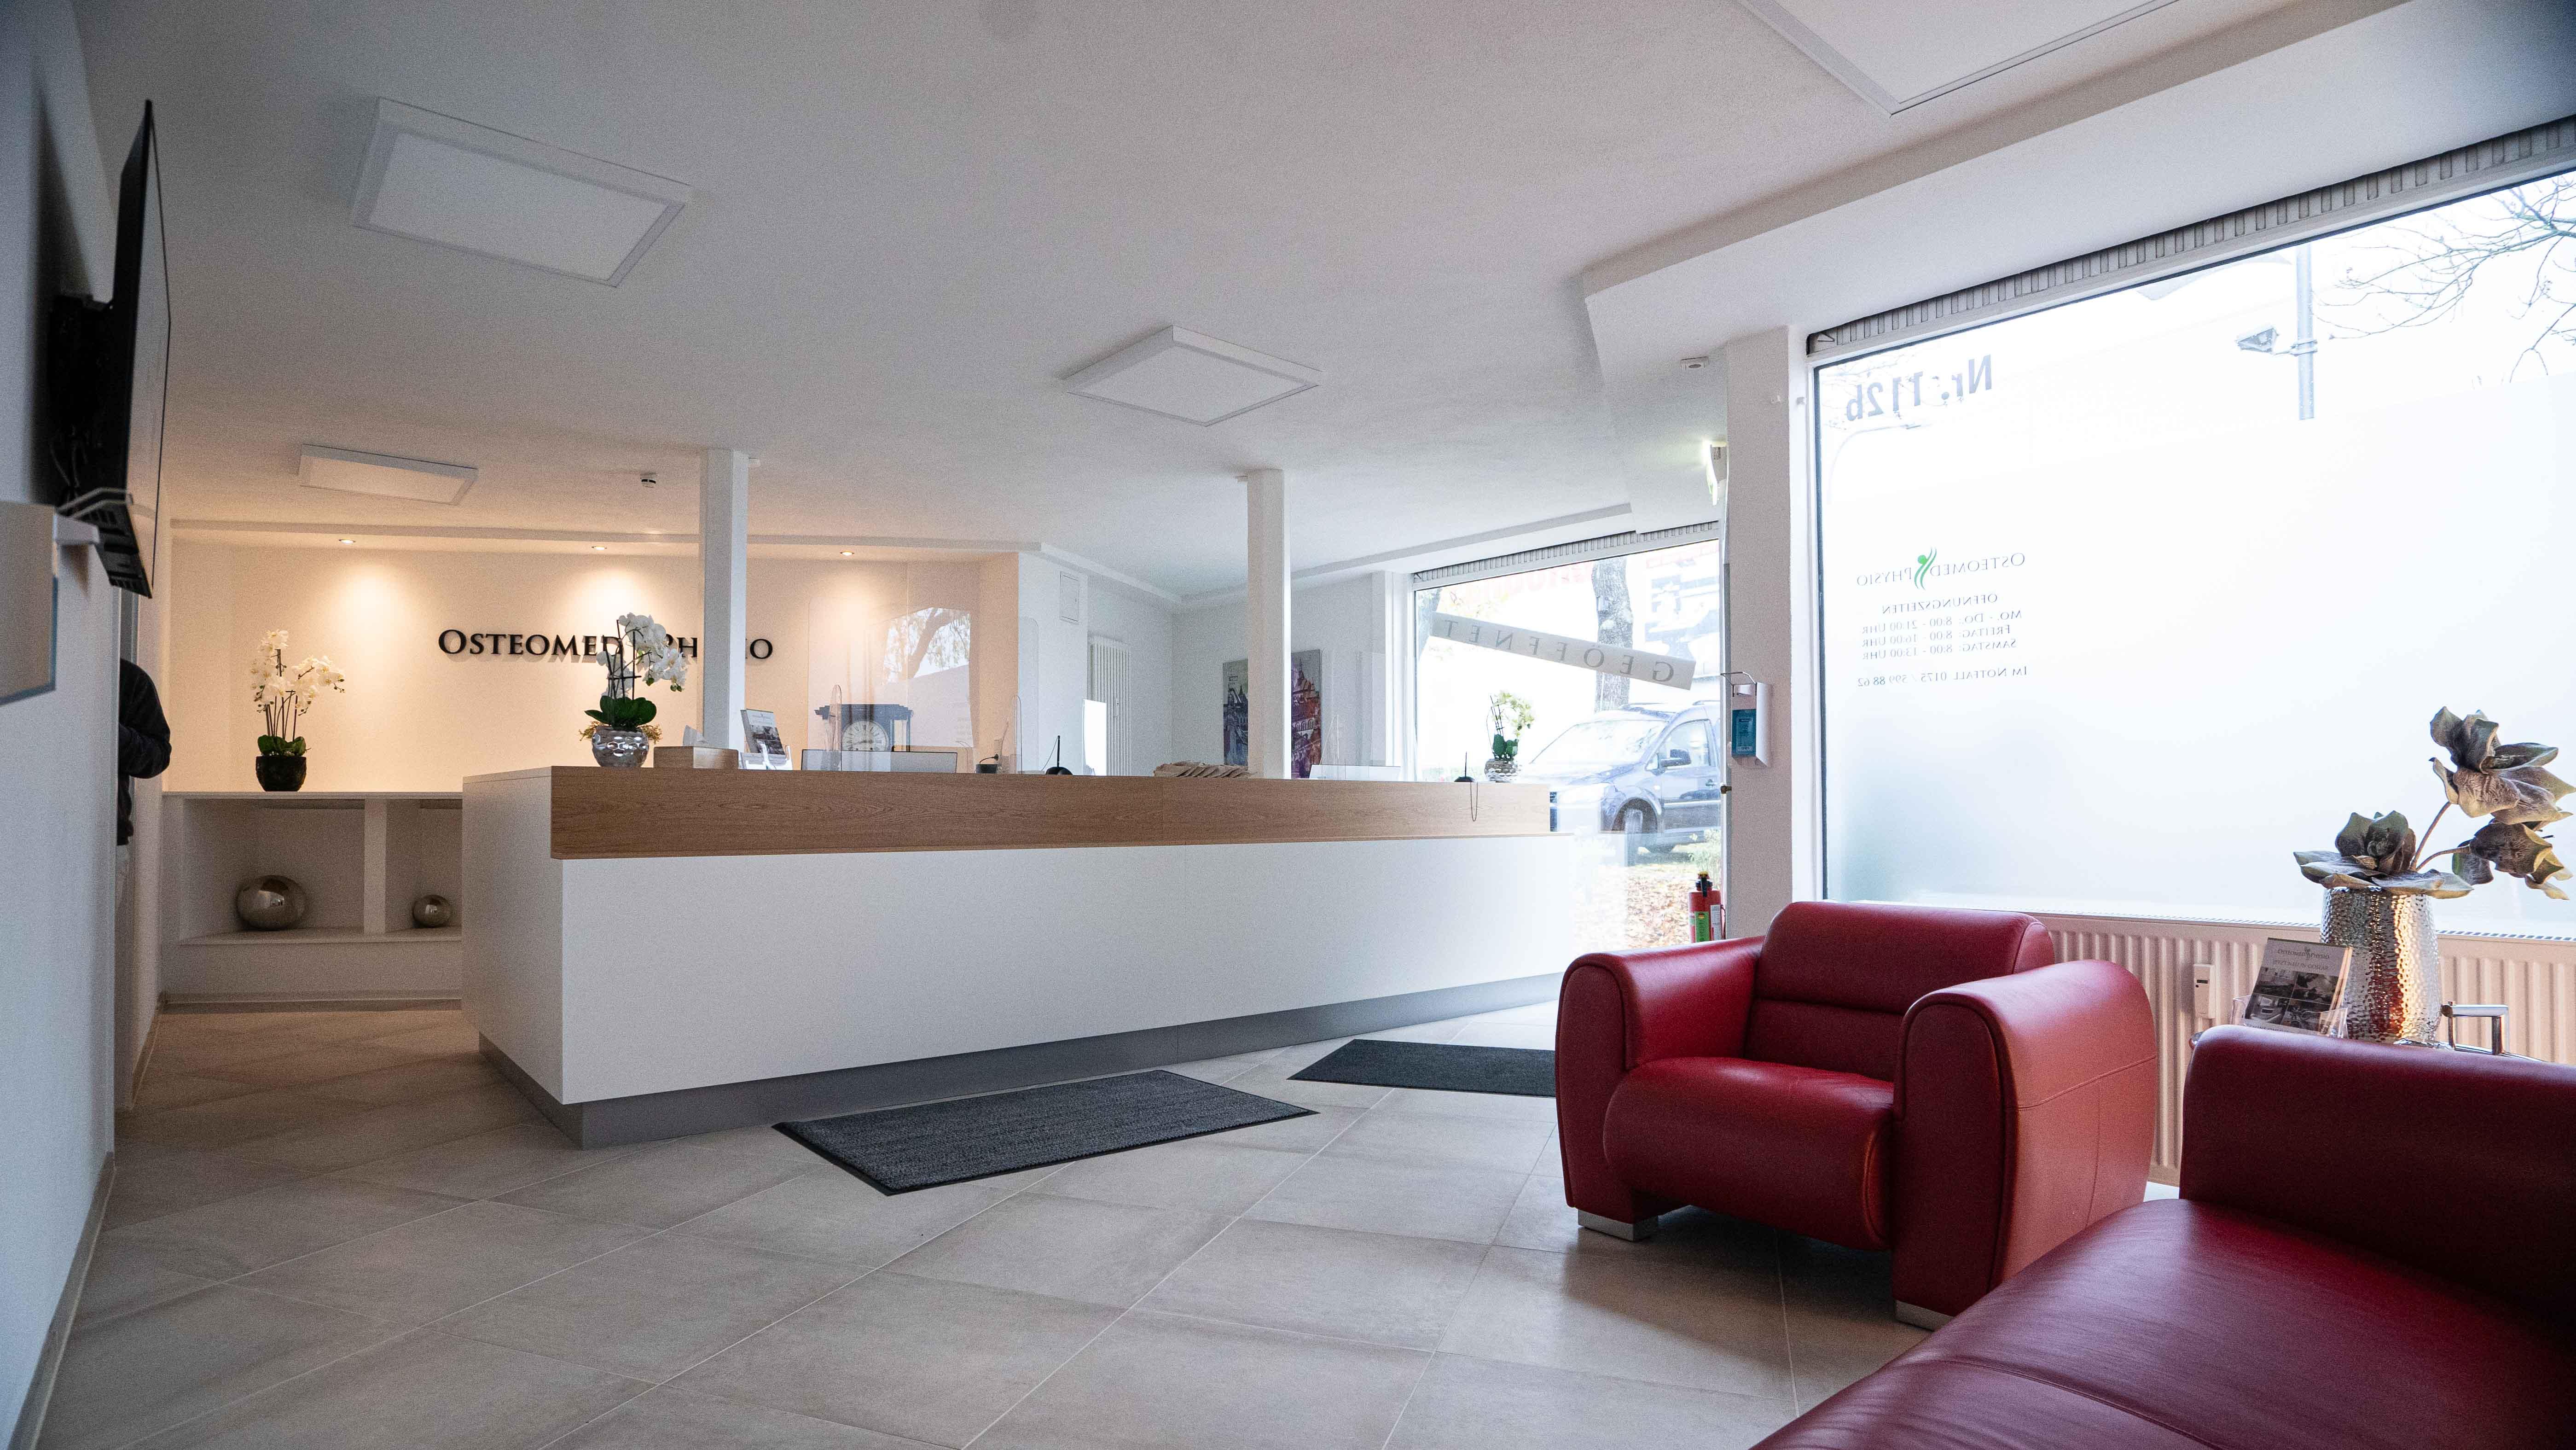 Unsere Praxis in Goslar ist geöffnet!